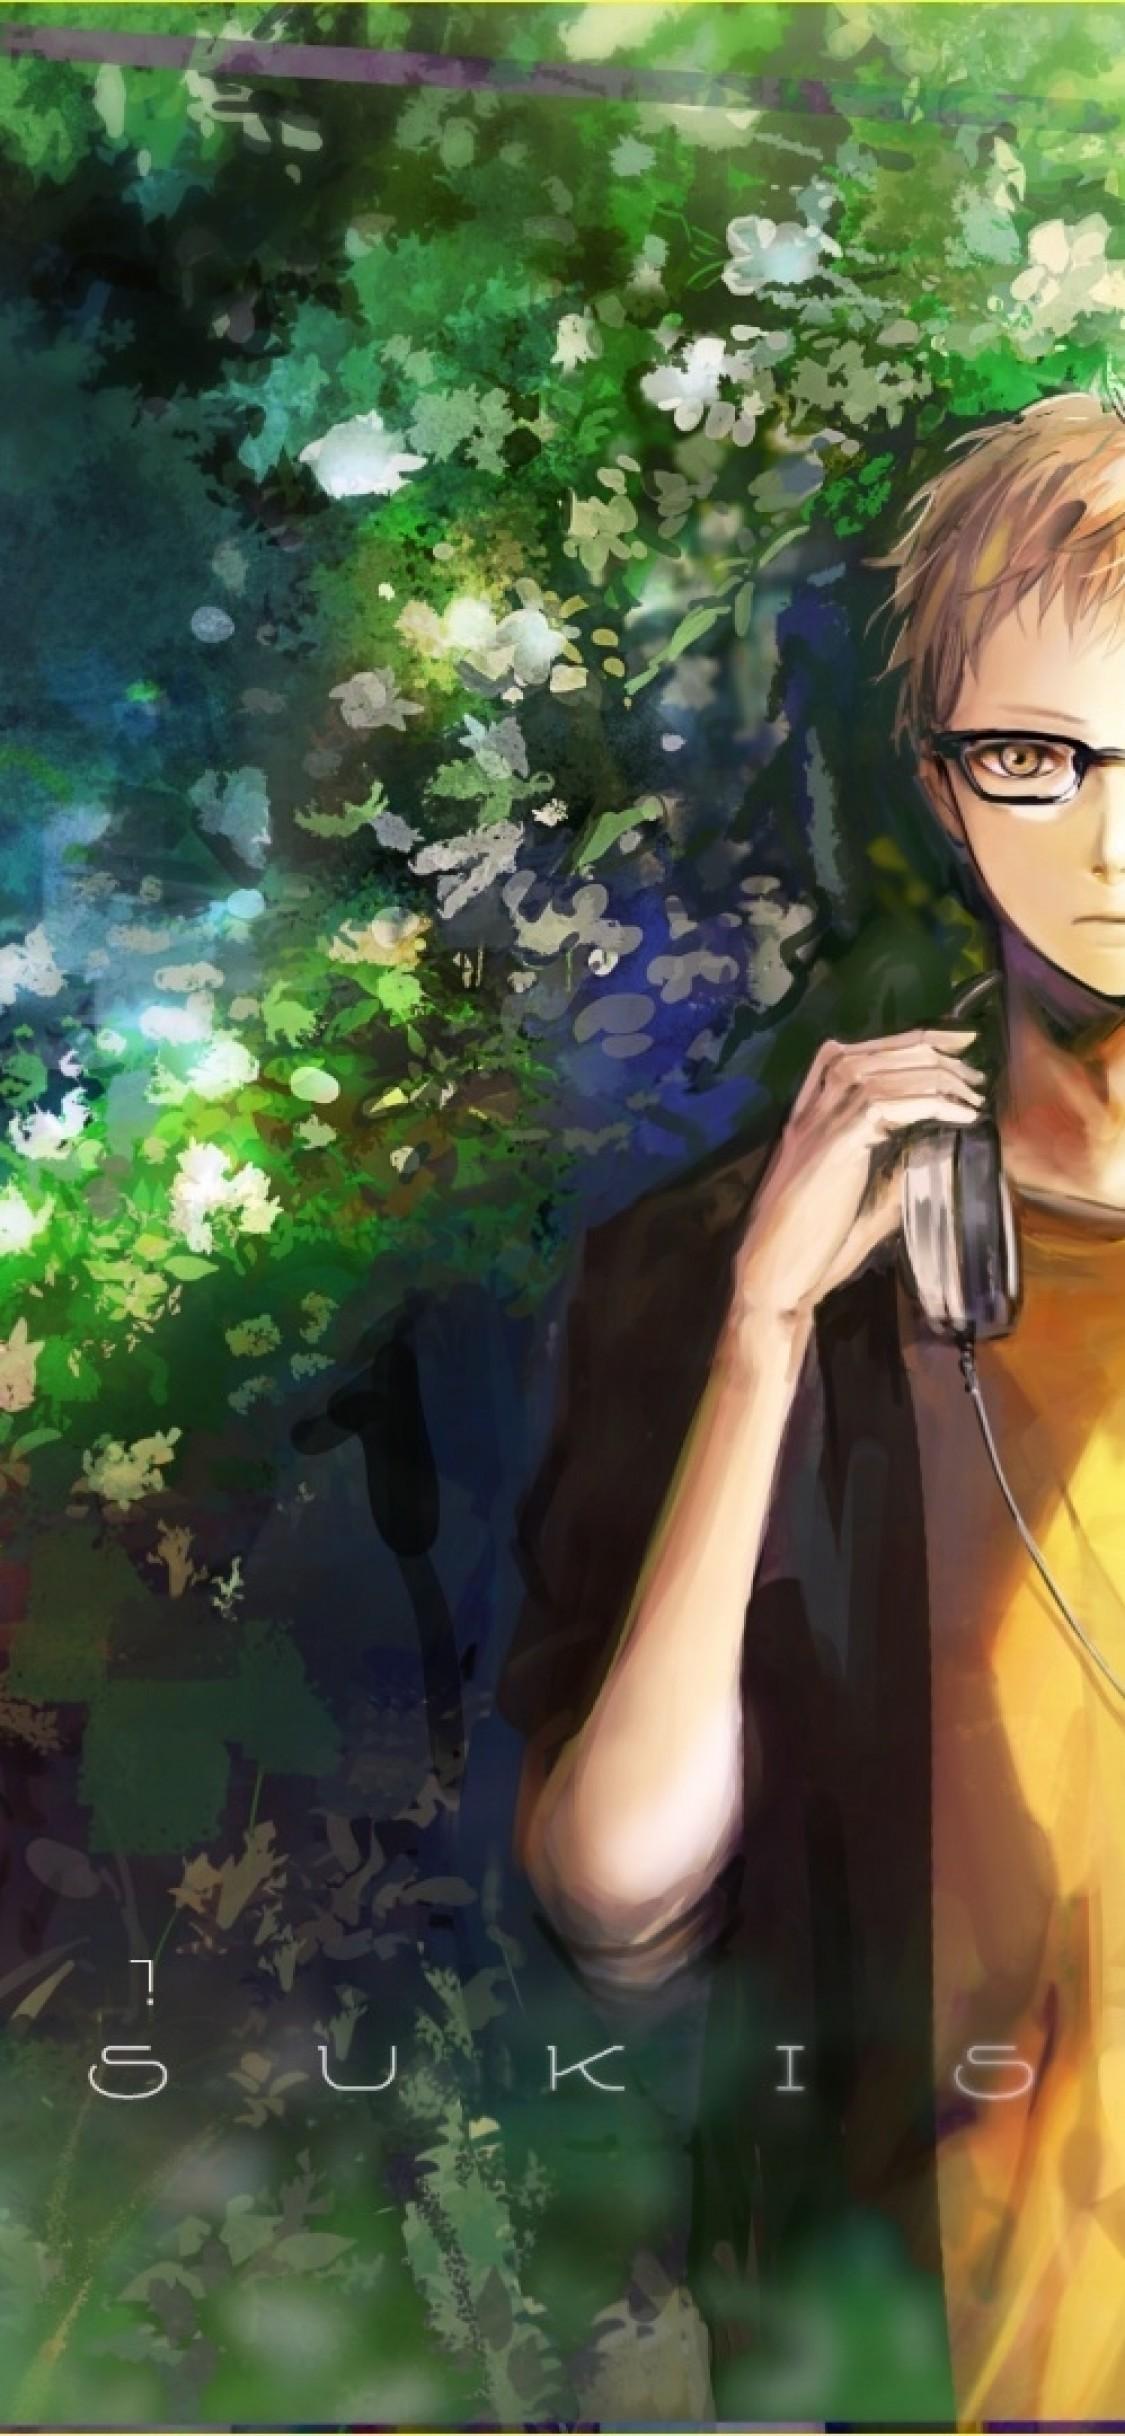 Tsukishima Kei, Blonde, Haikyuu, Glasses - Tsukishima Wallpaper Hd - HD Wallpaper